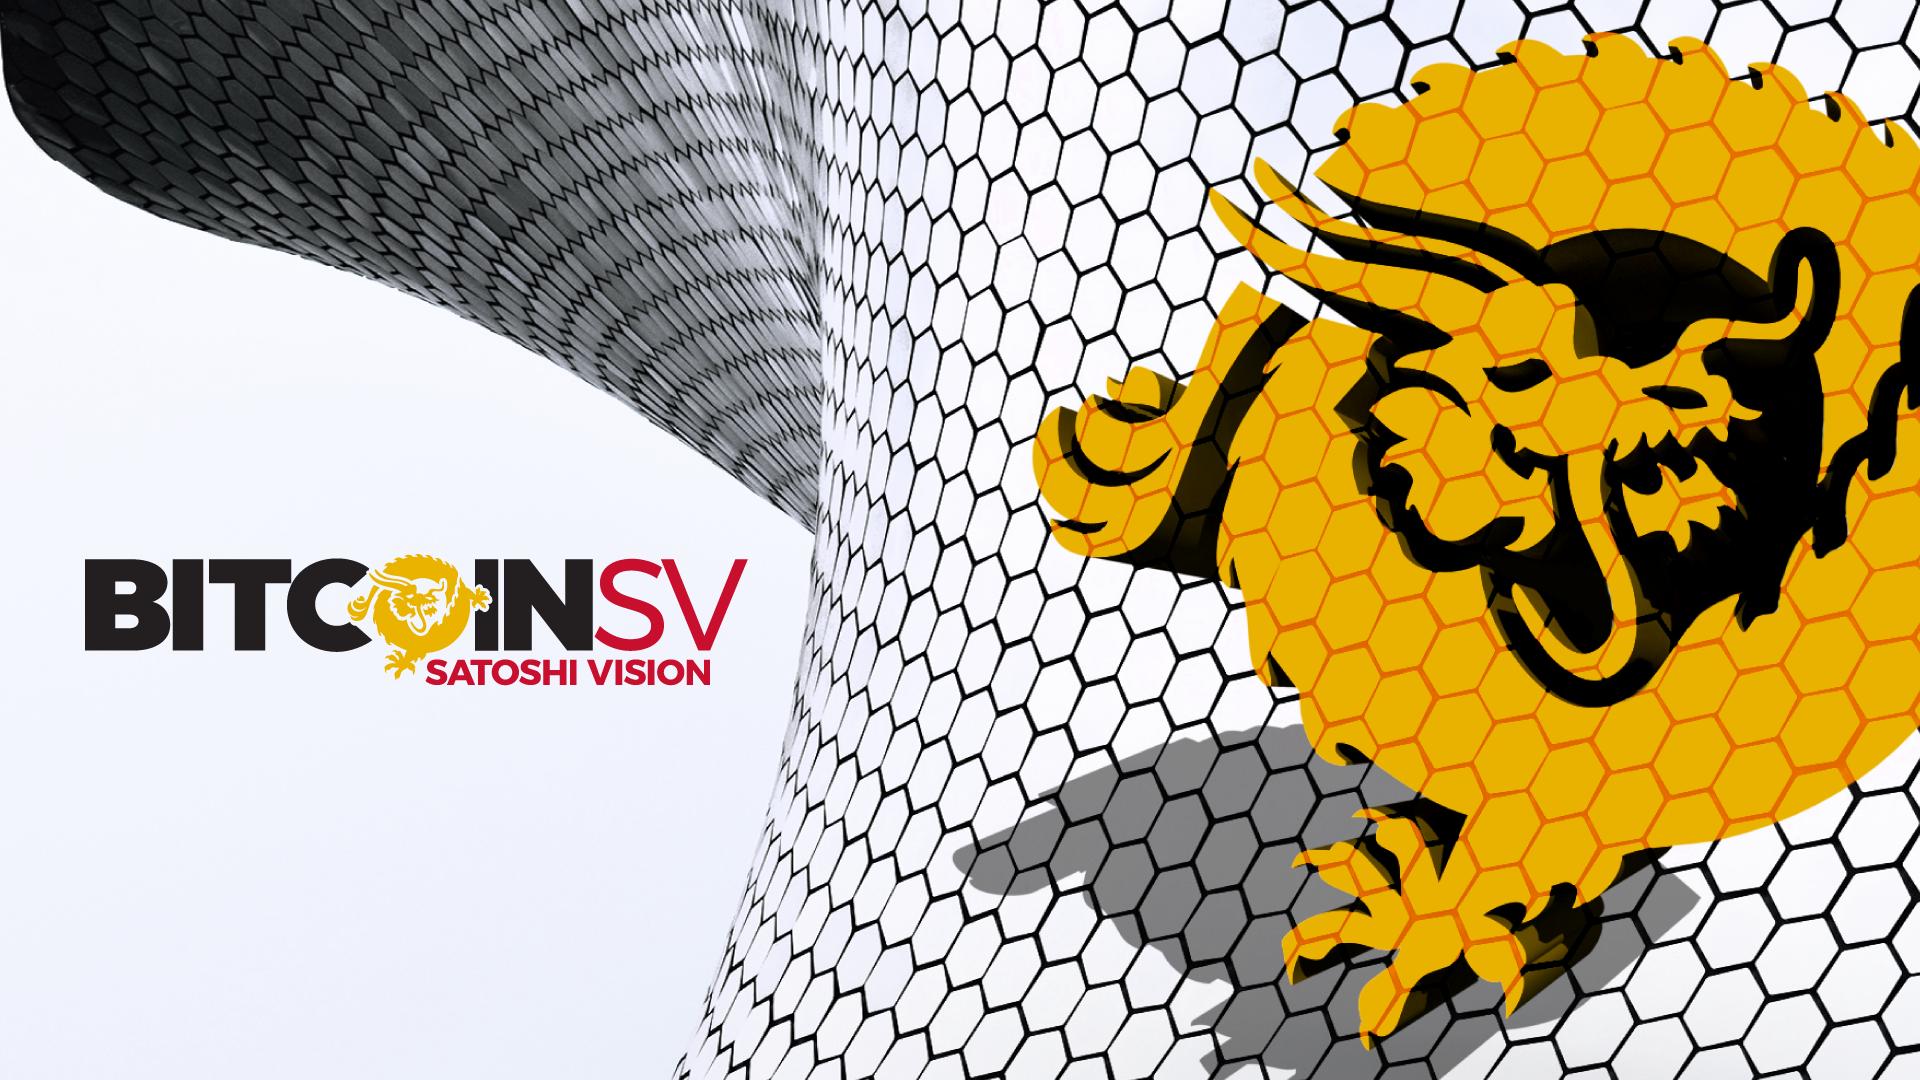 За неделю капитализация Bitcoin SV достигла $2,08 млрд.